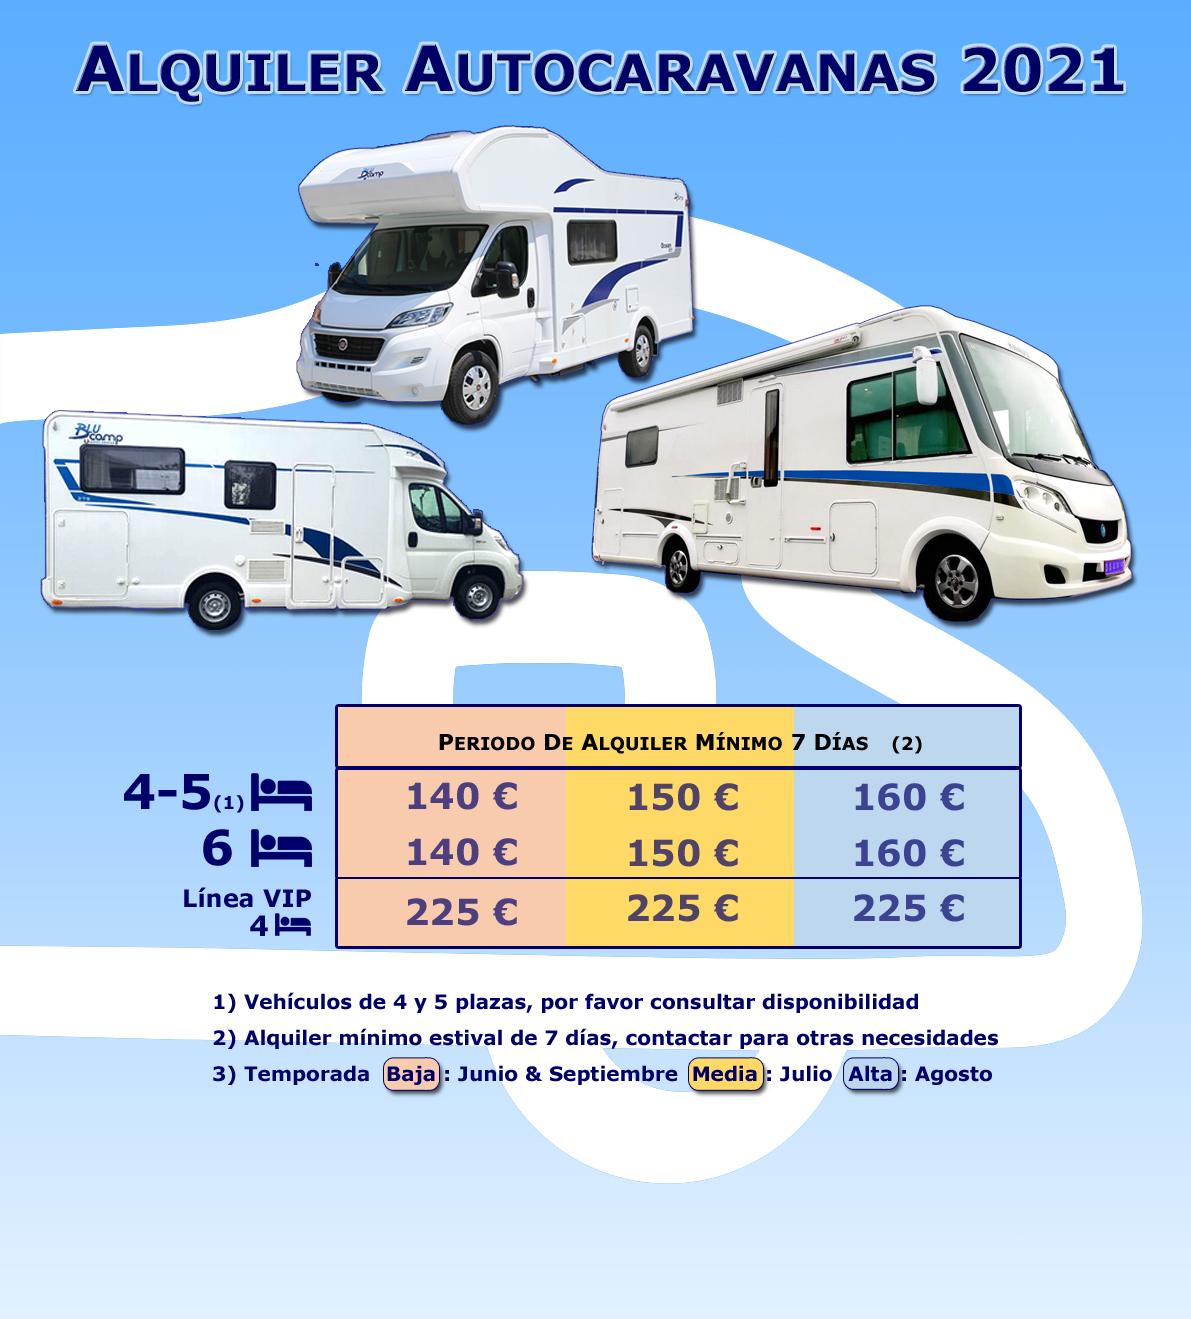 Alquiler de Autocaravanas - Tabla Precios Temporada 2021